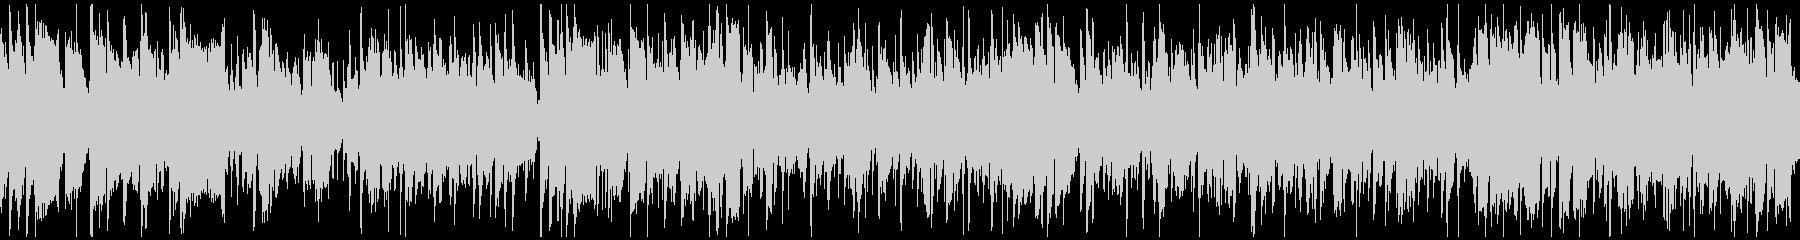 超かっこいい高速ジャズ ※ループ仕様版の未再生の波形